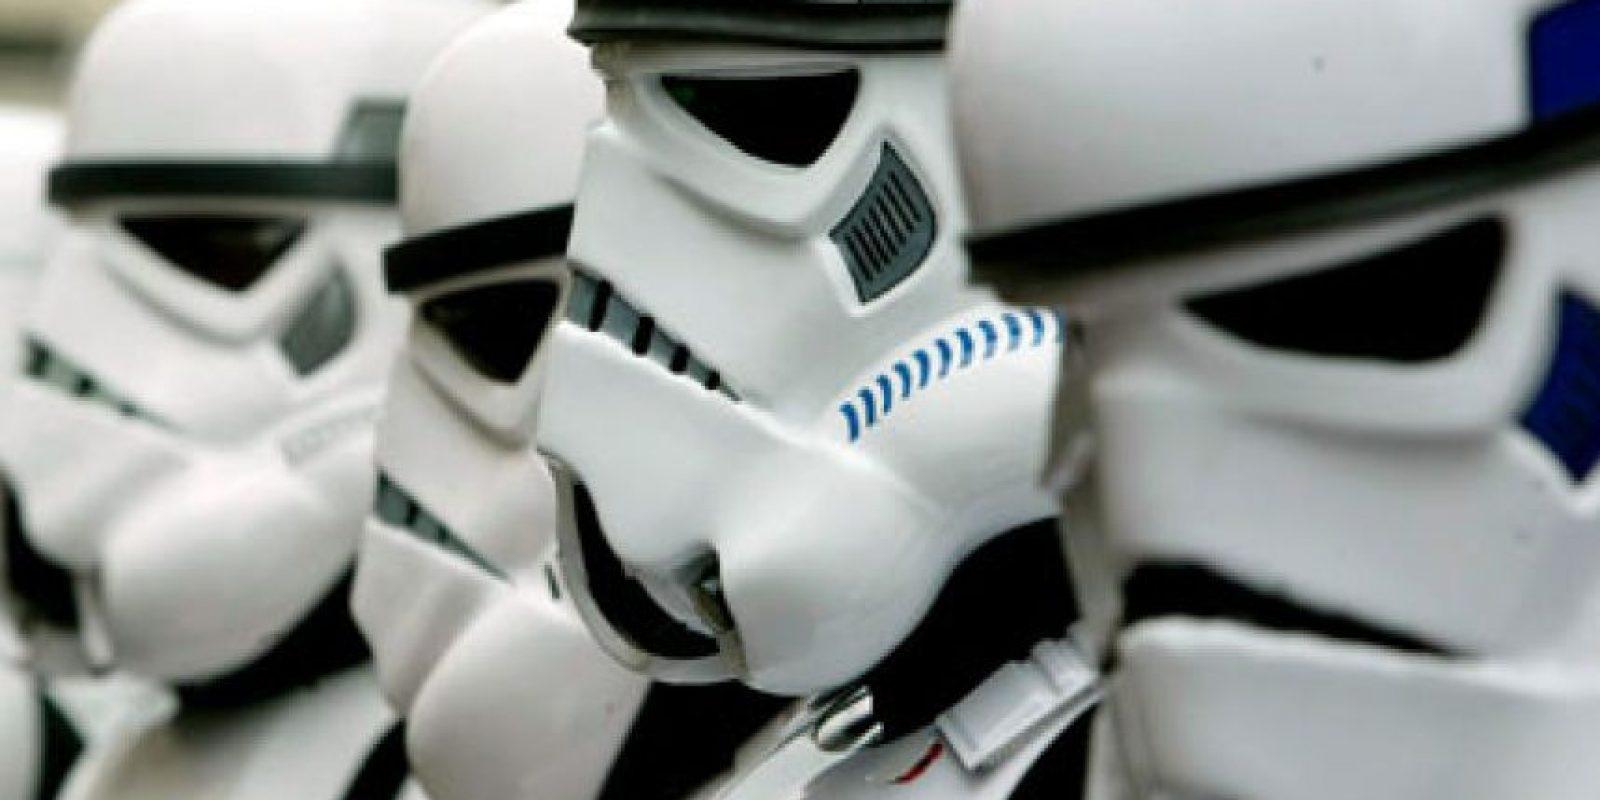 """Los rumores en torno a lo que ofrecerá """"The Force Awakens"""", el Episodio VII de la saga """"Star Wars"""" continúan."""